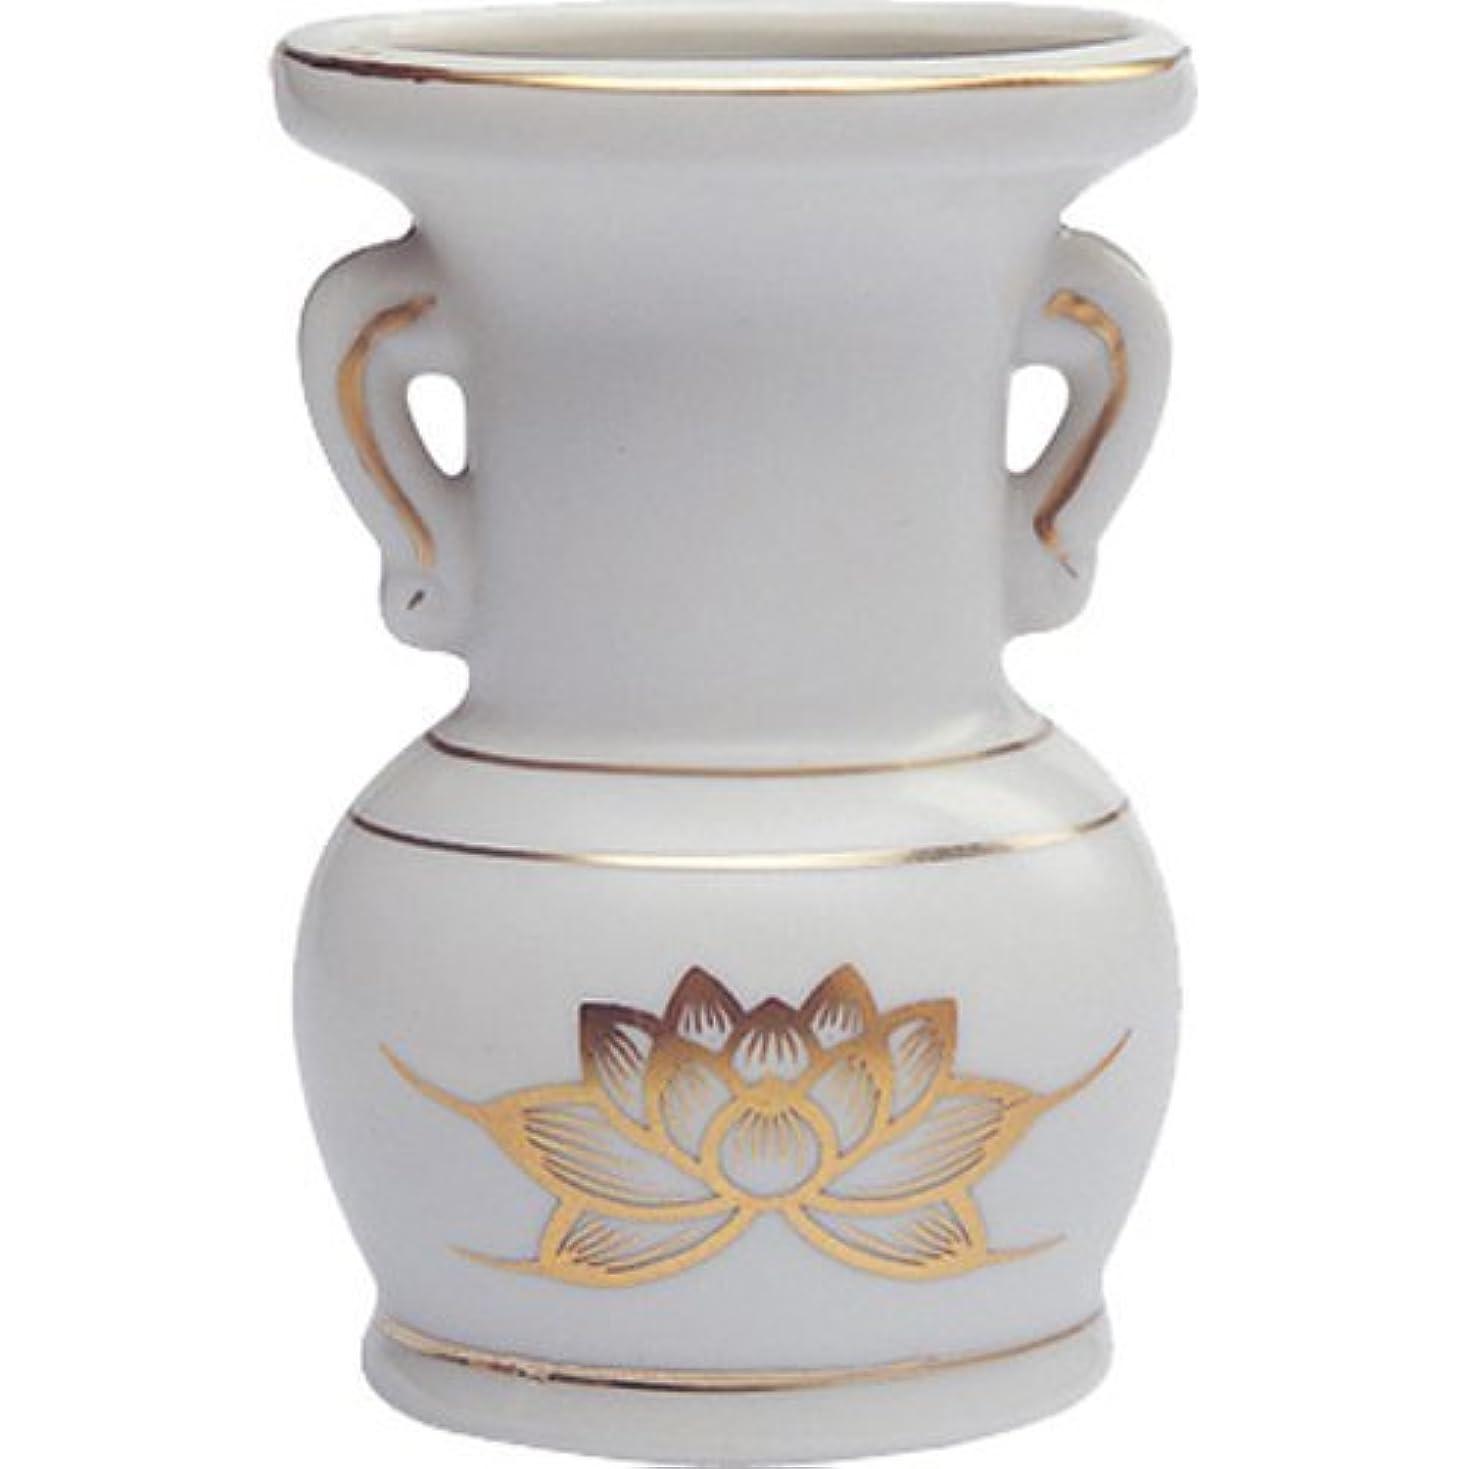 スカリーテザーアナログ花立て 陶器(白磁)